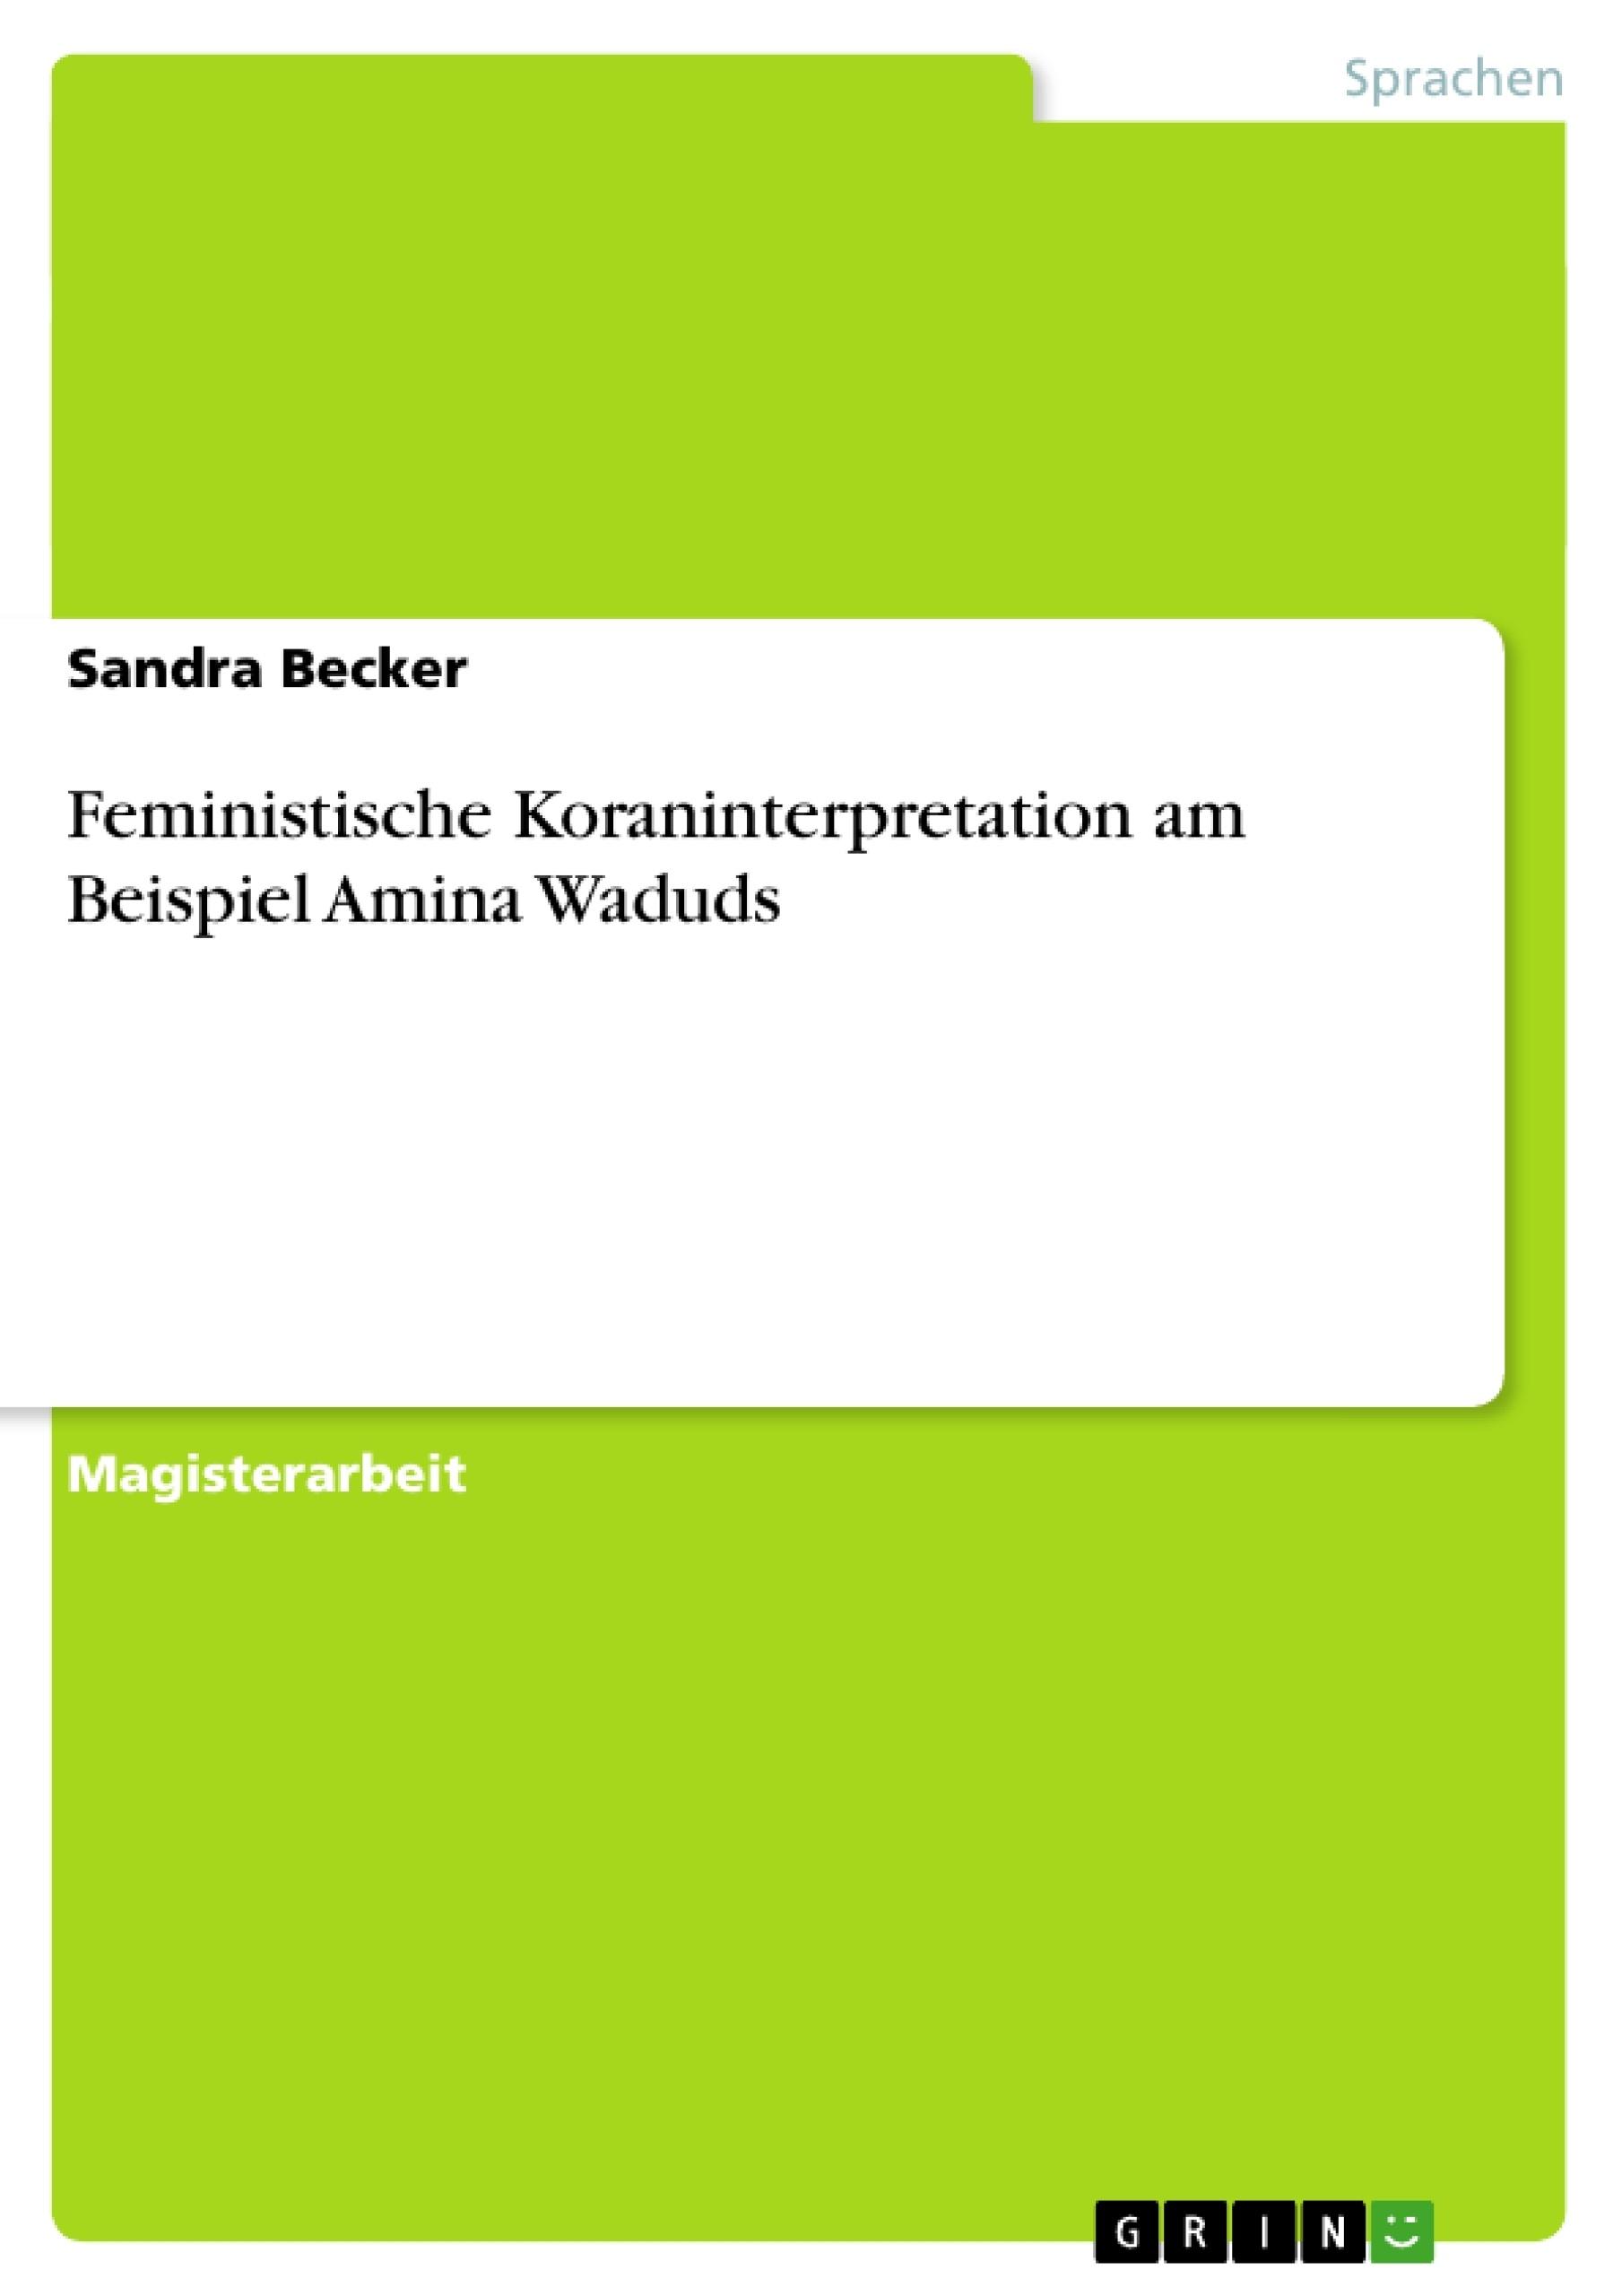 Titel: Feministische Koraninterpretation am Beispiel Amina Waduds